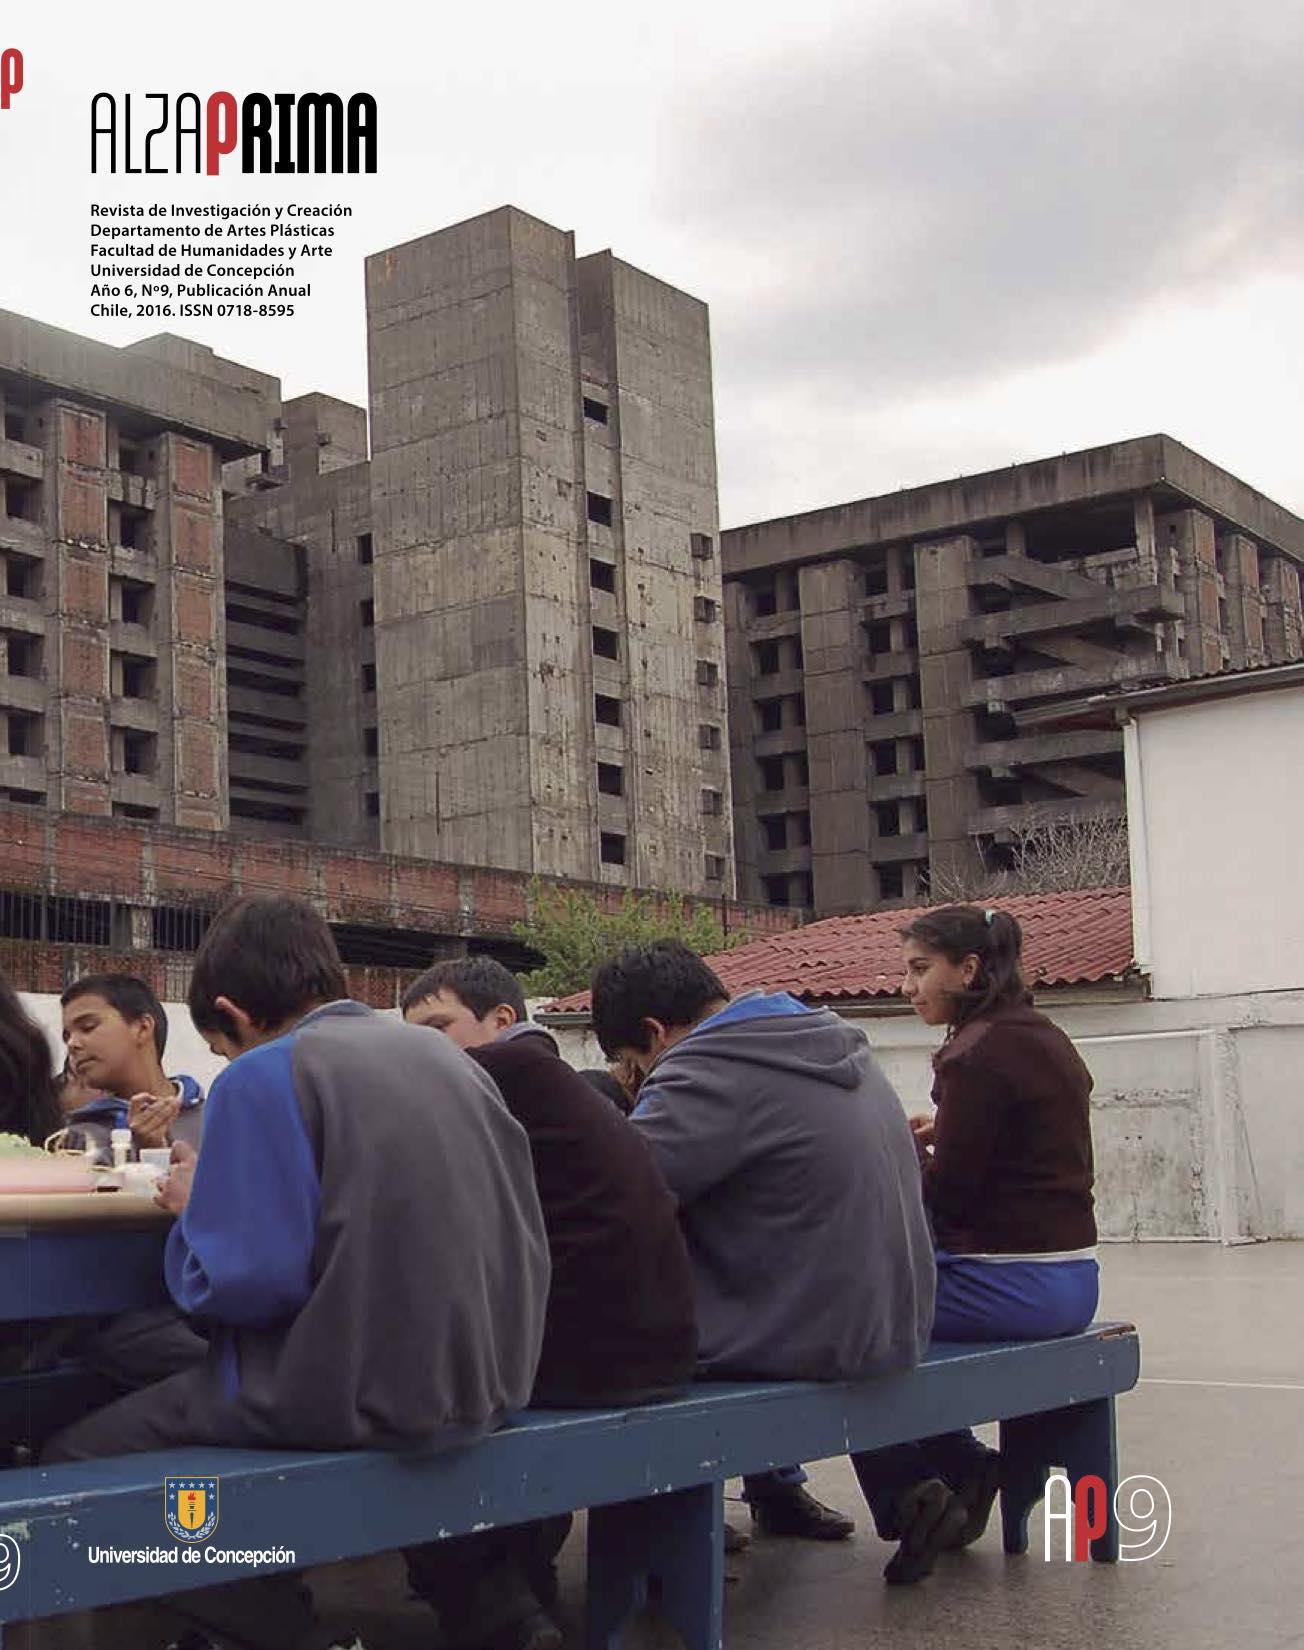 Alicia Villarreal, La enseñanza de la geografía, 2009-2010, Santiago, Chile.